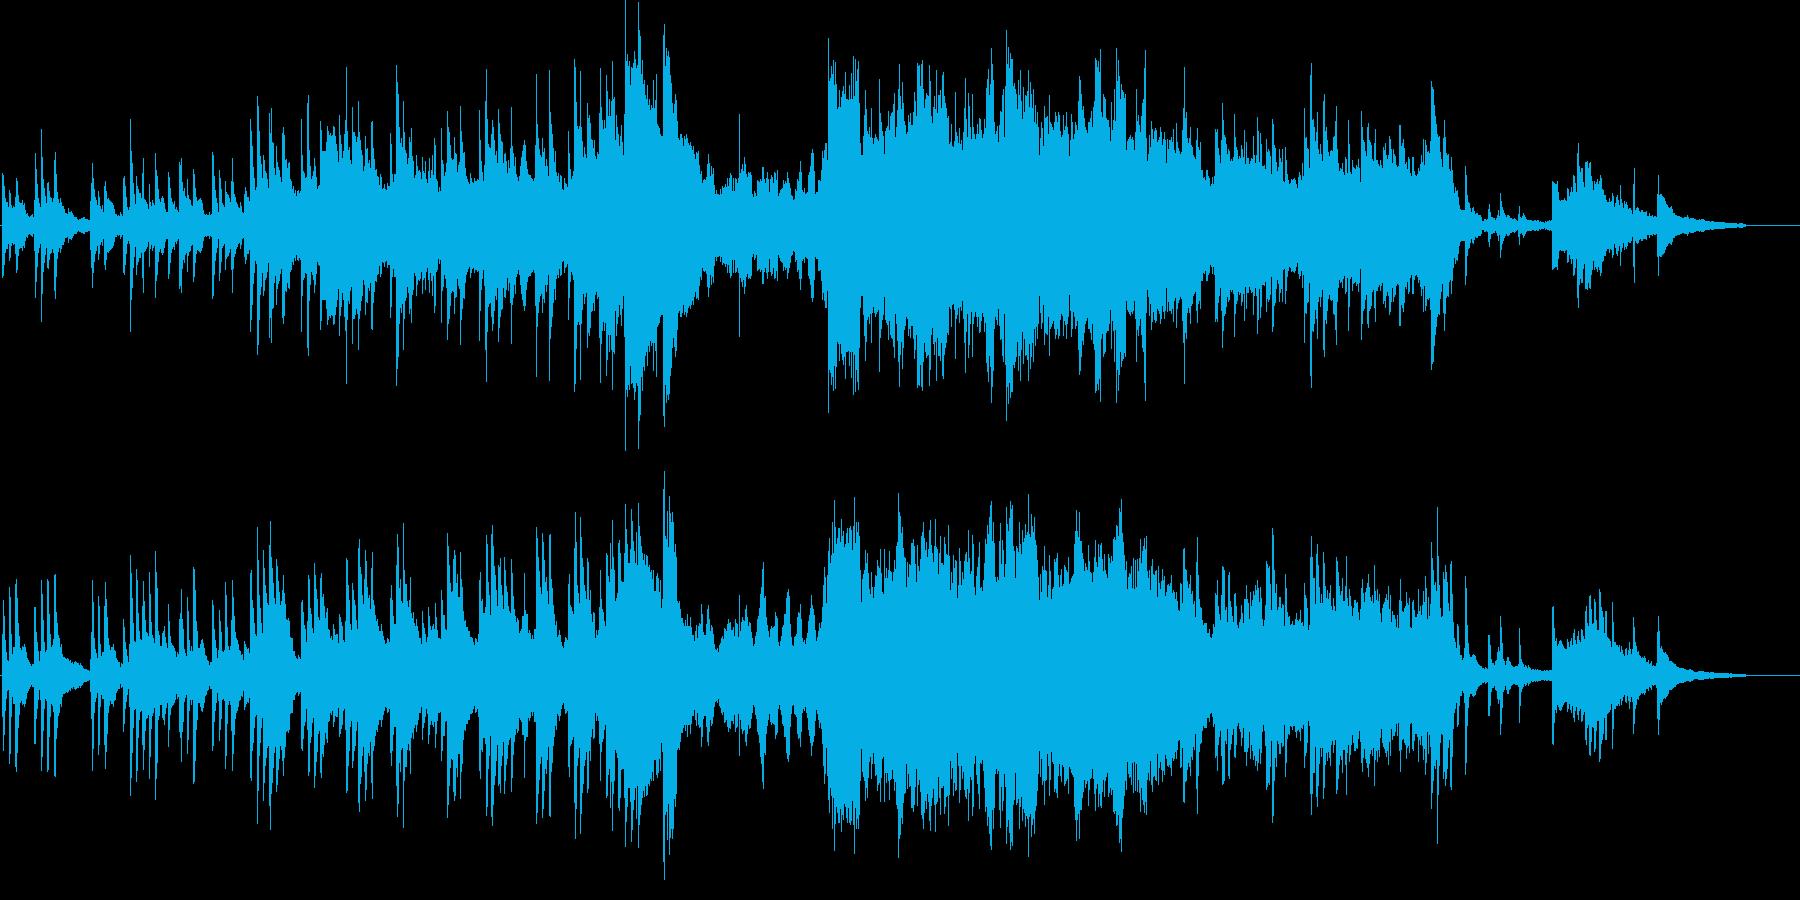 ピアノを主体とした切なく温かい楽曲の再生済みの波形